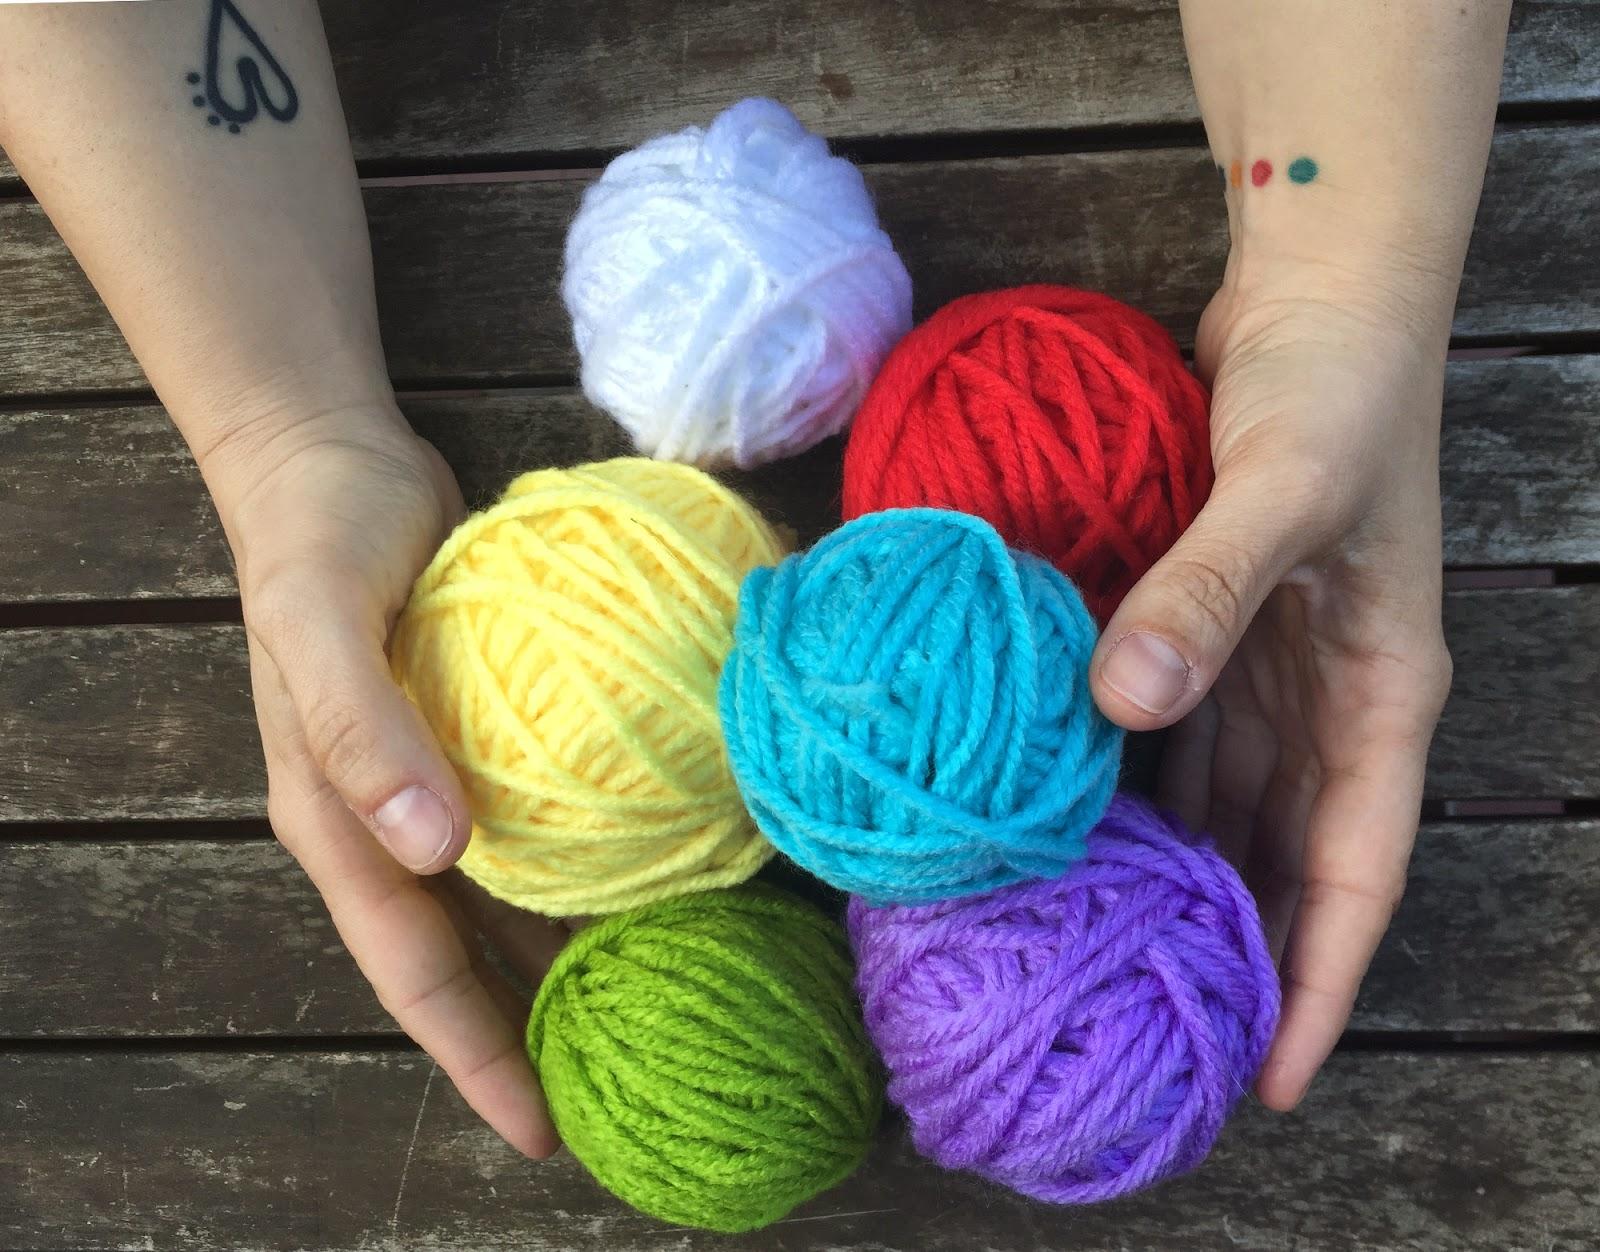 ovillos-de-lana-de-colores-hechos-a-mano-y-sujetos-con-las-manos-de-Clara-Montagut